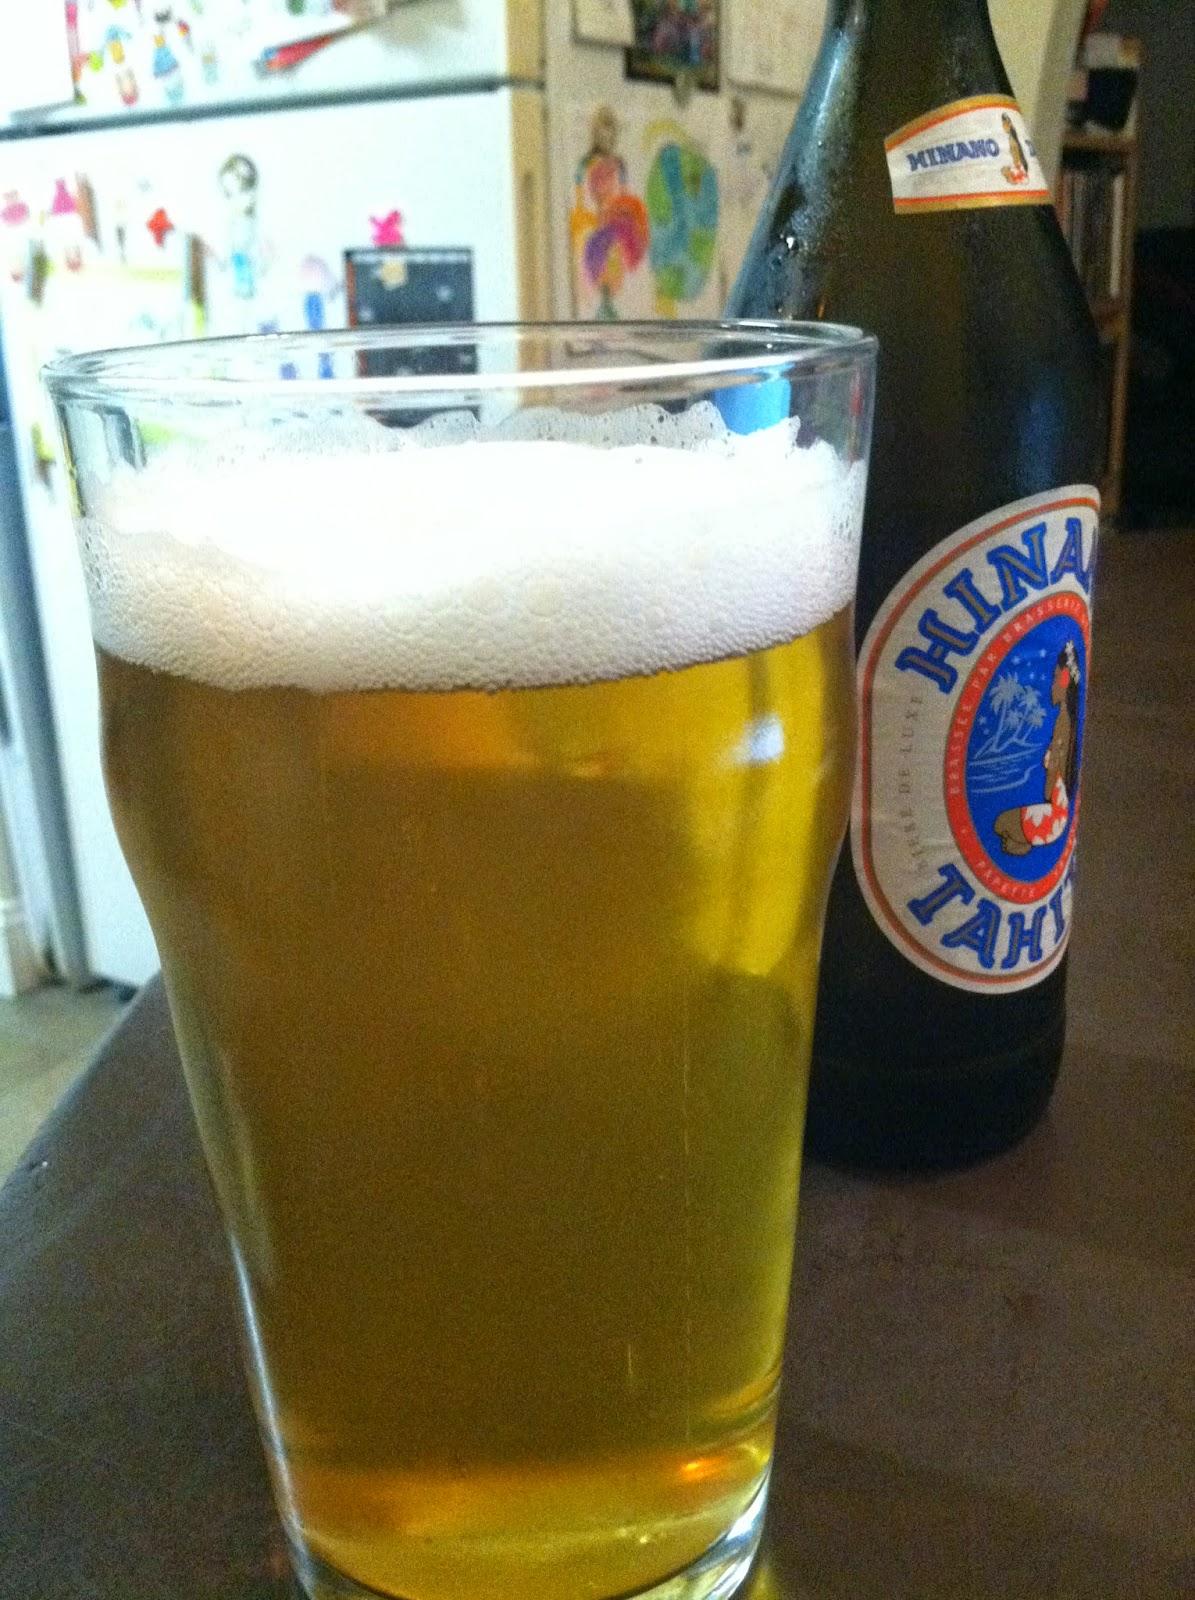 hinano tahiti beer 2